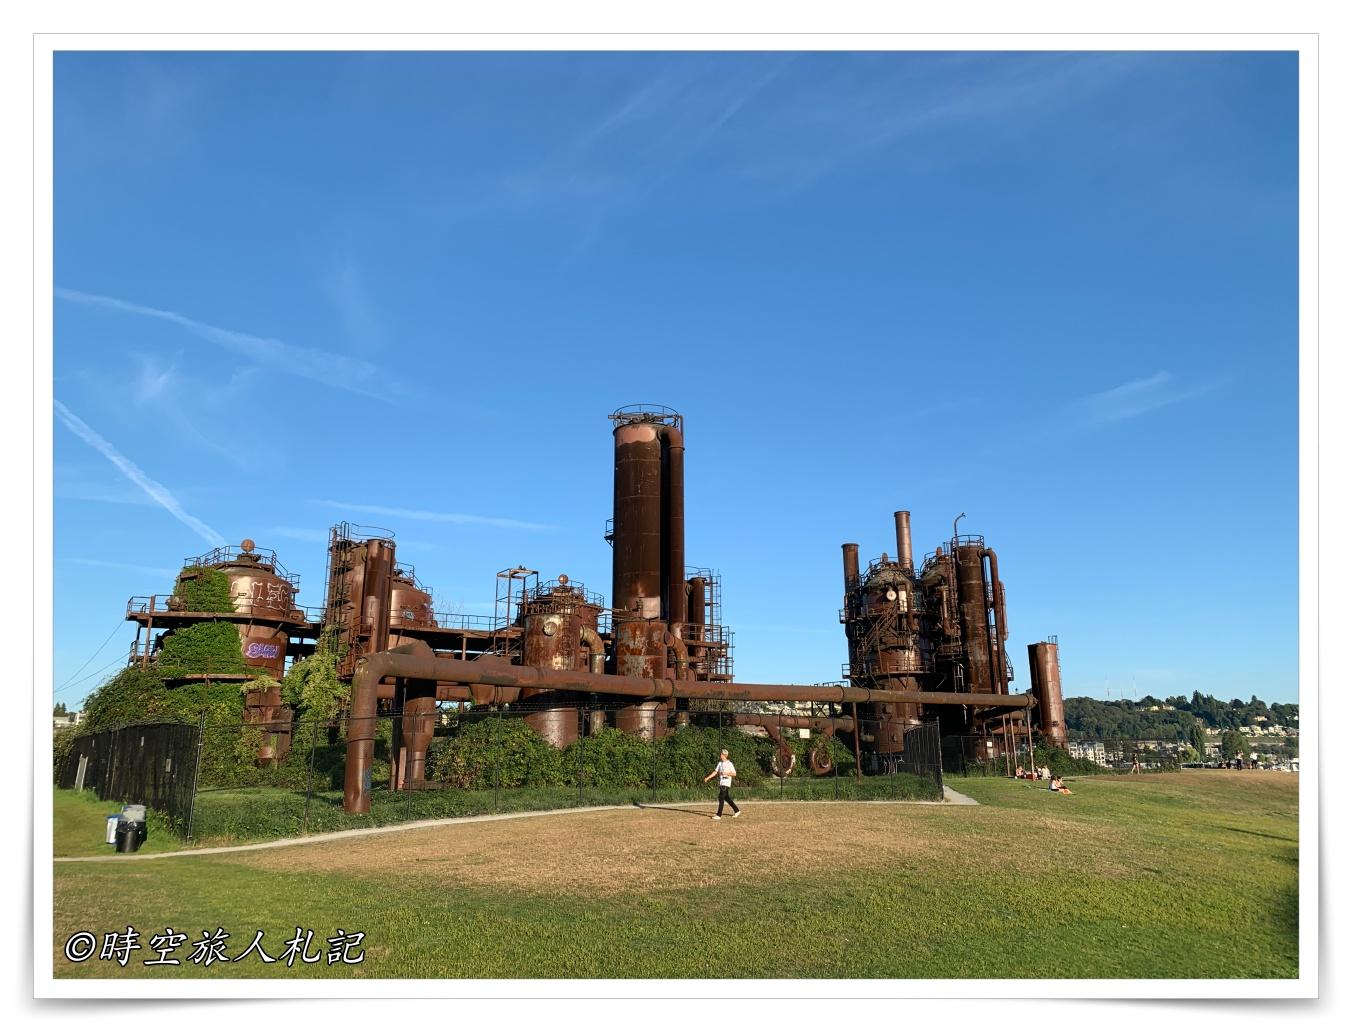 西雅圖市區2日遊: 旗艦店朝聖、流行文化博物館MOPOP、Gas Works Park